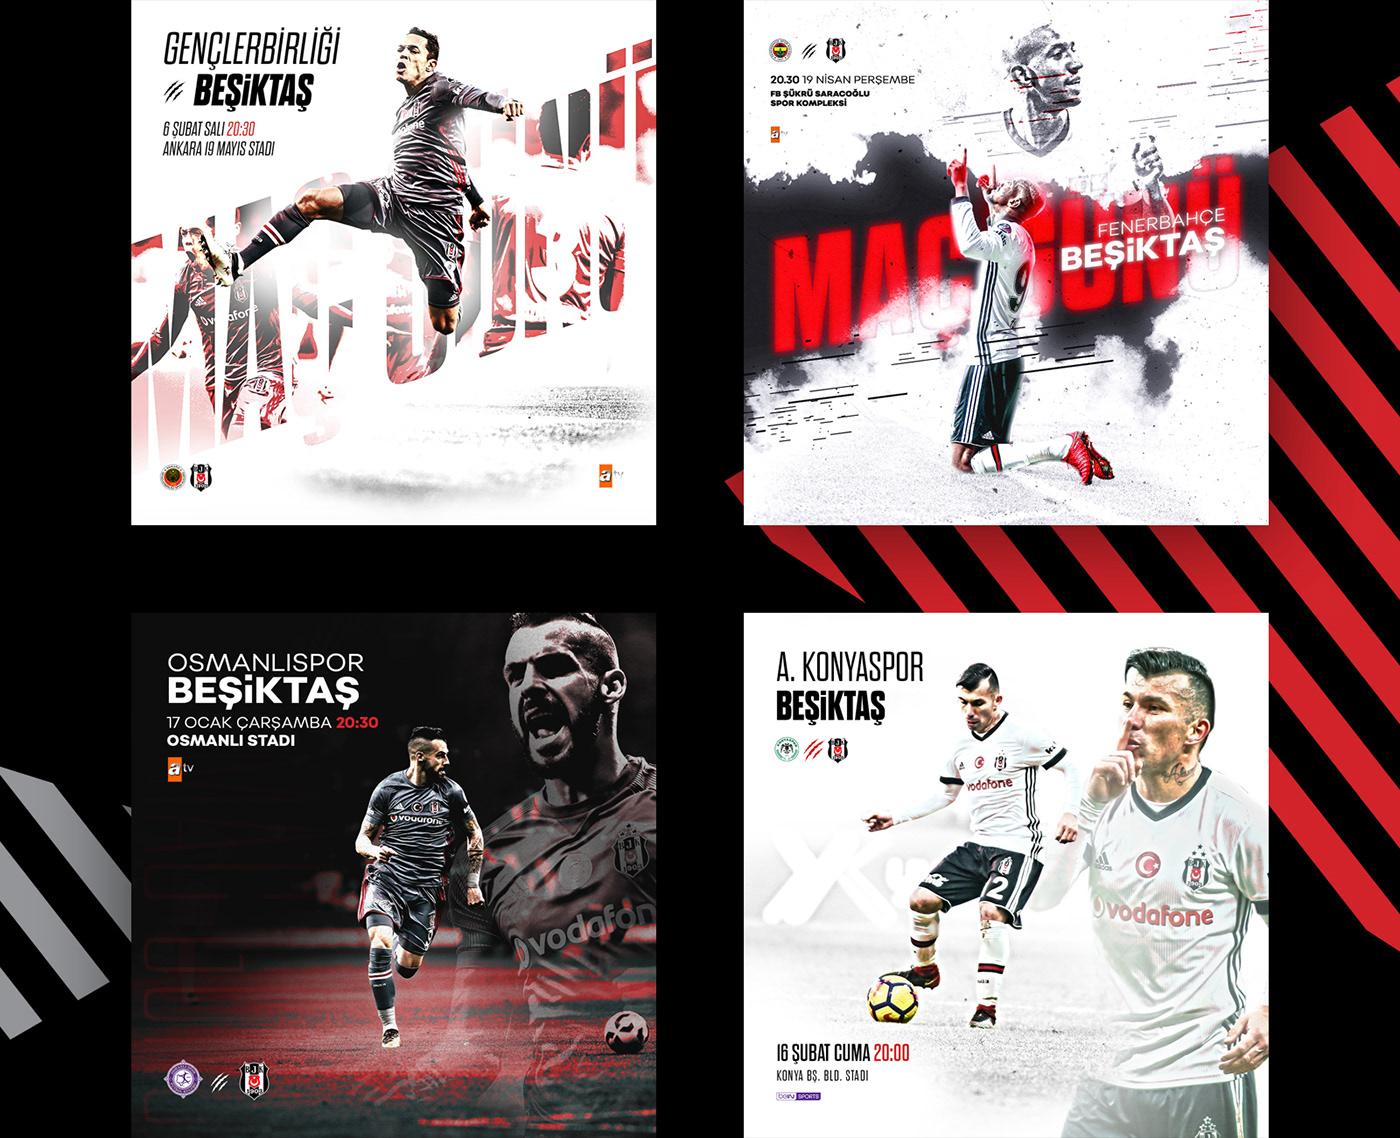 Beşiktaş,social media,design,football,club,soccer,team